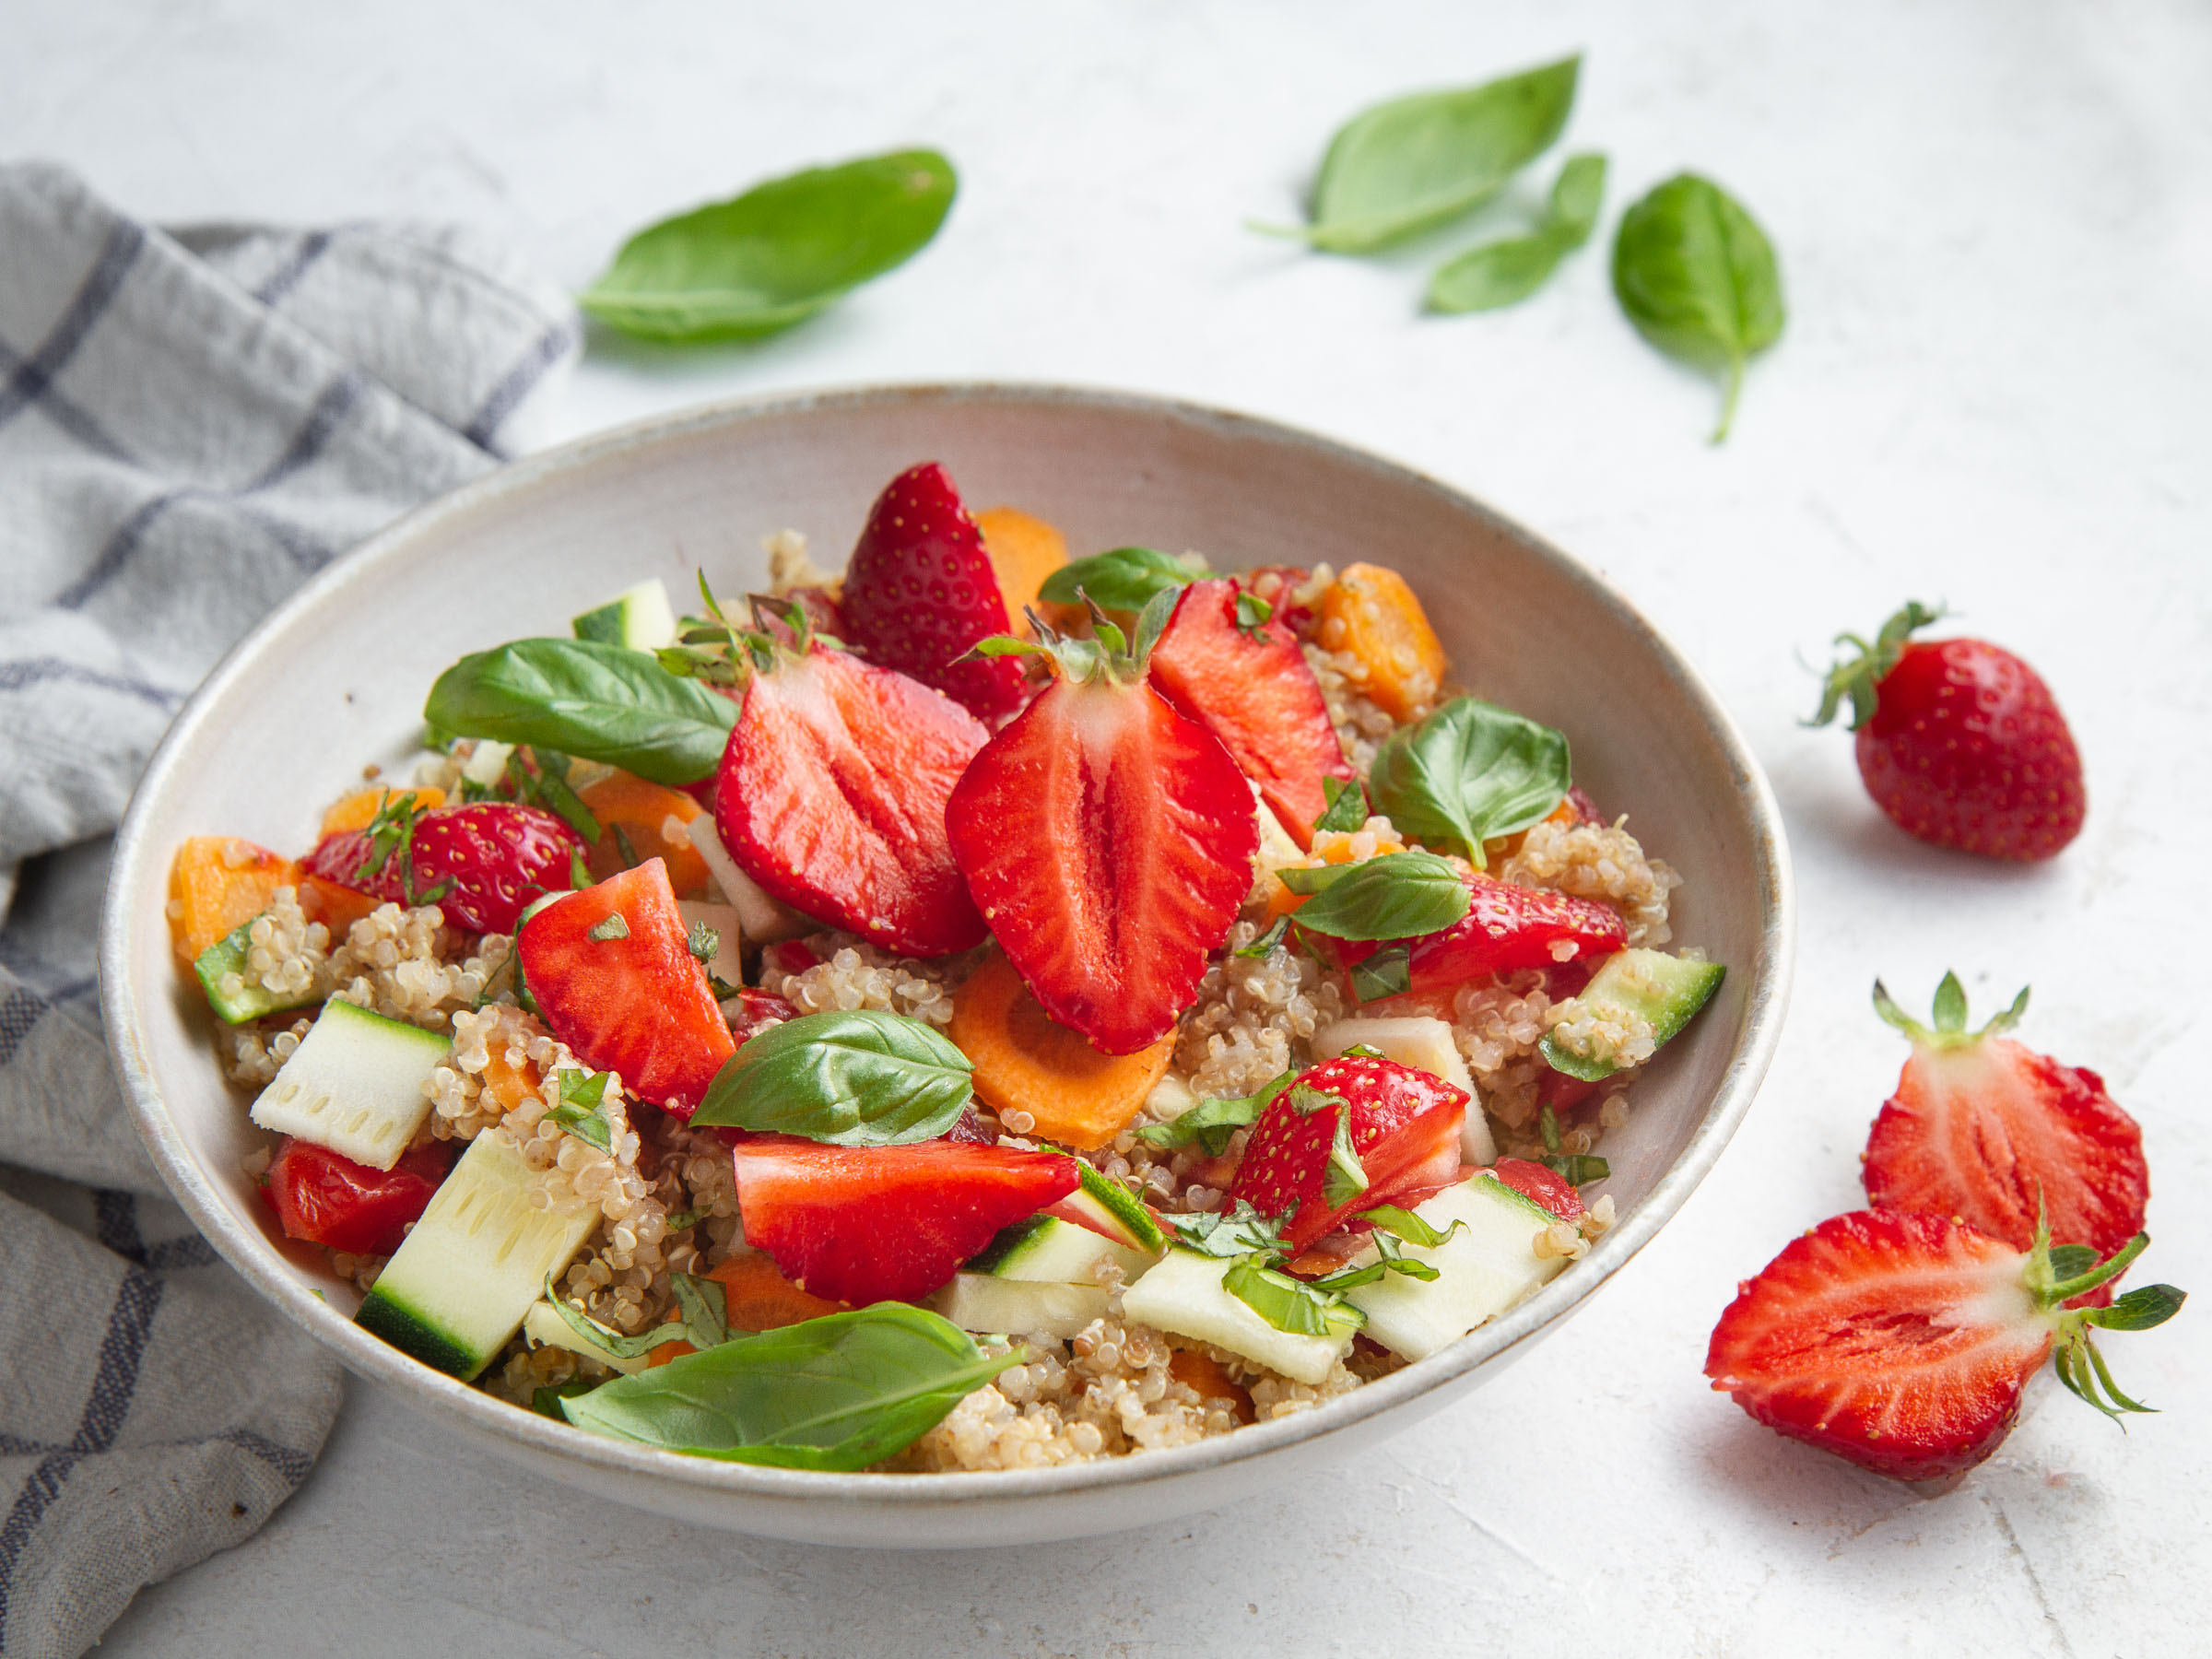 Quinoa aux légumes (carotte-courgette-tomate-basilic) et aux fraises, sauce au miso et au lin (vegan, sans gluten)